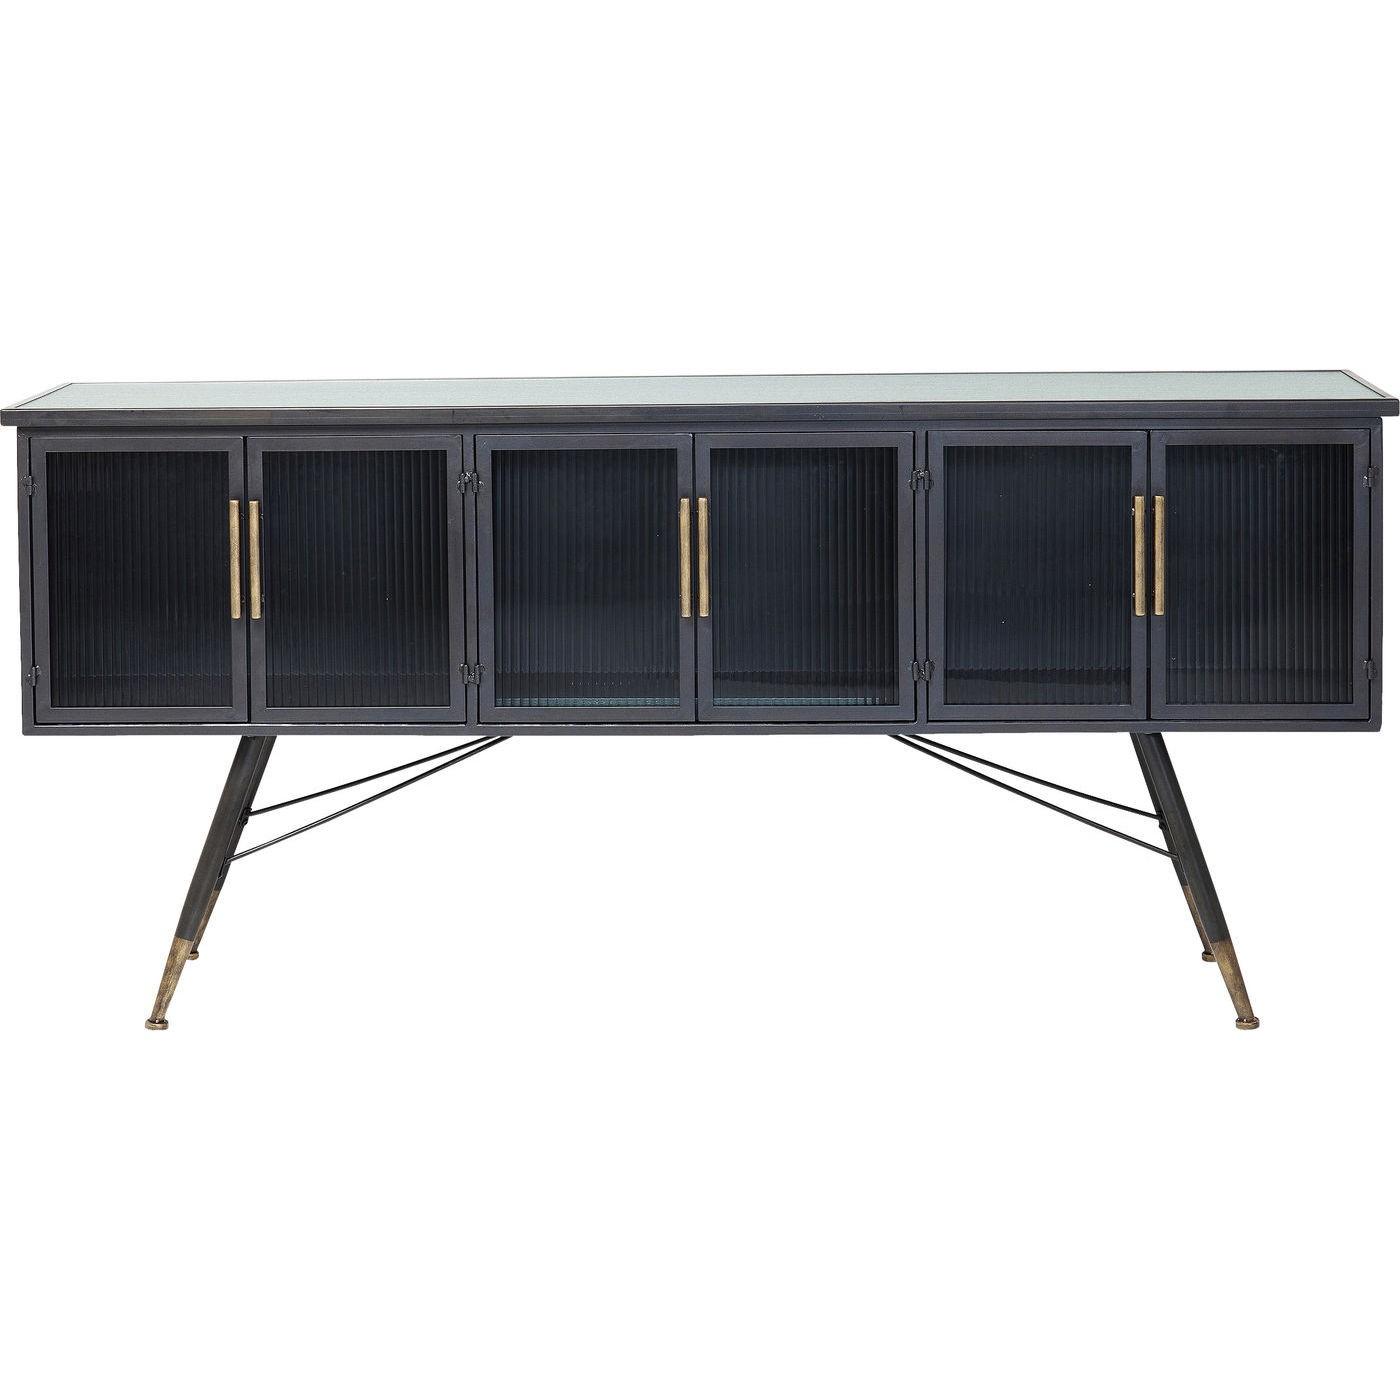 Meuble TV industriel 6 portes en acier et verre